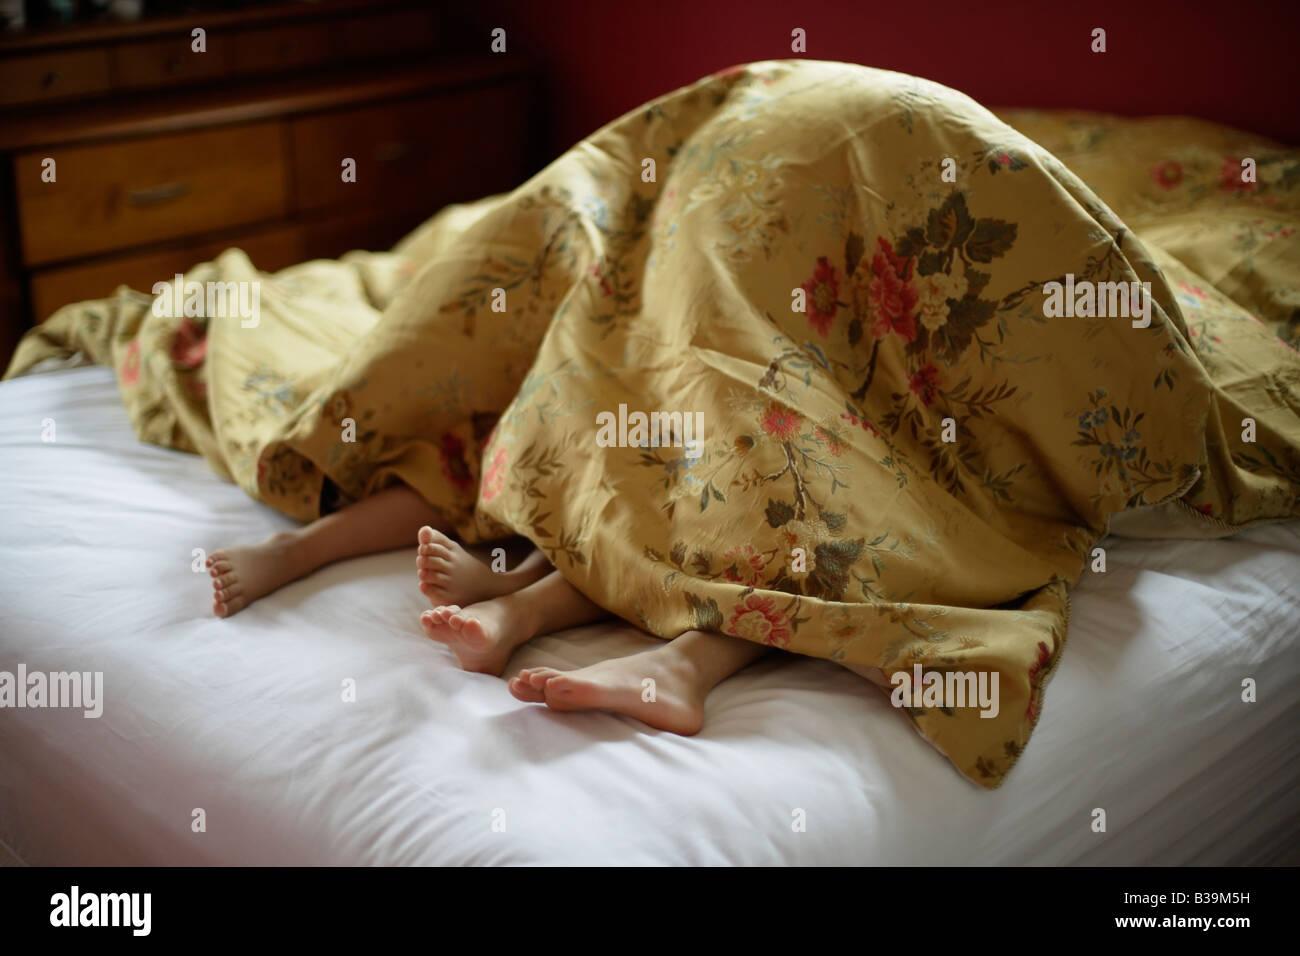 Hermano y hermana debajo de tapas de cama de padres niña de 5 años y boy 6 Imagen De Stock